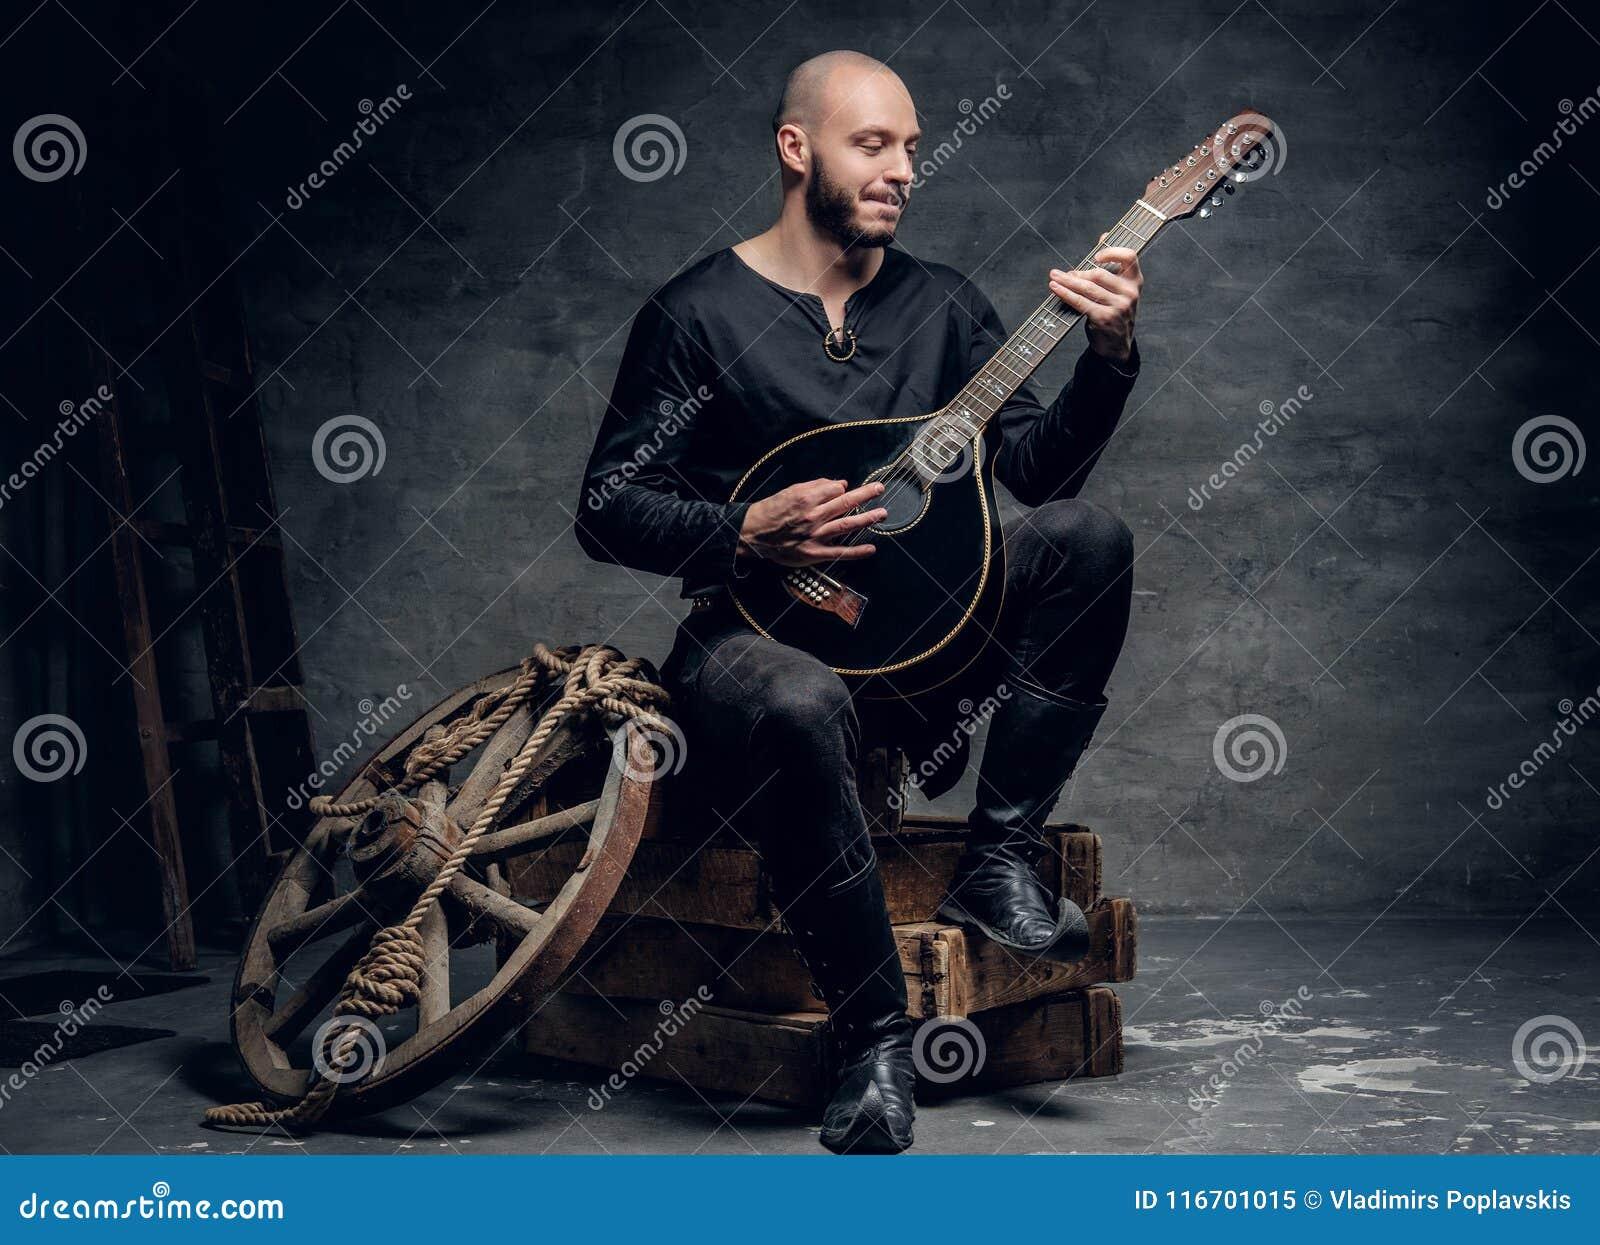 Der traditionelle Volksmusiker, der in der keltischen Kleidung der Weinlese gekleidet wird, sitzt auf einer Holzkiste und spielt